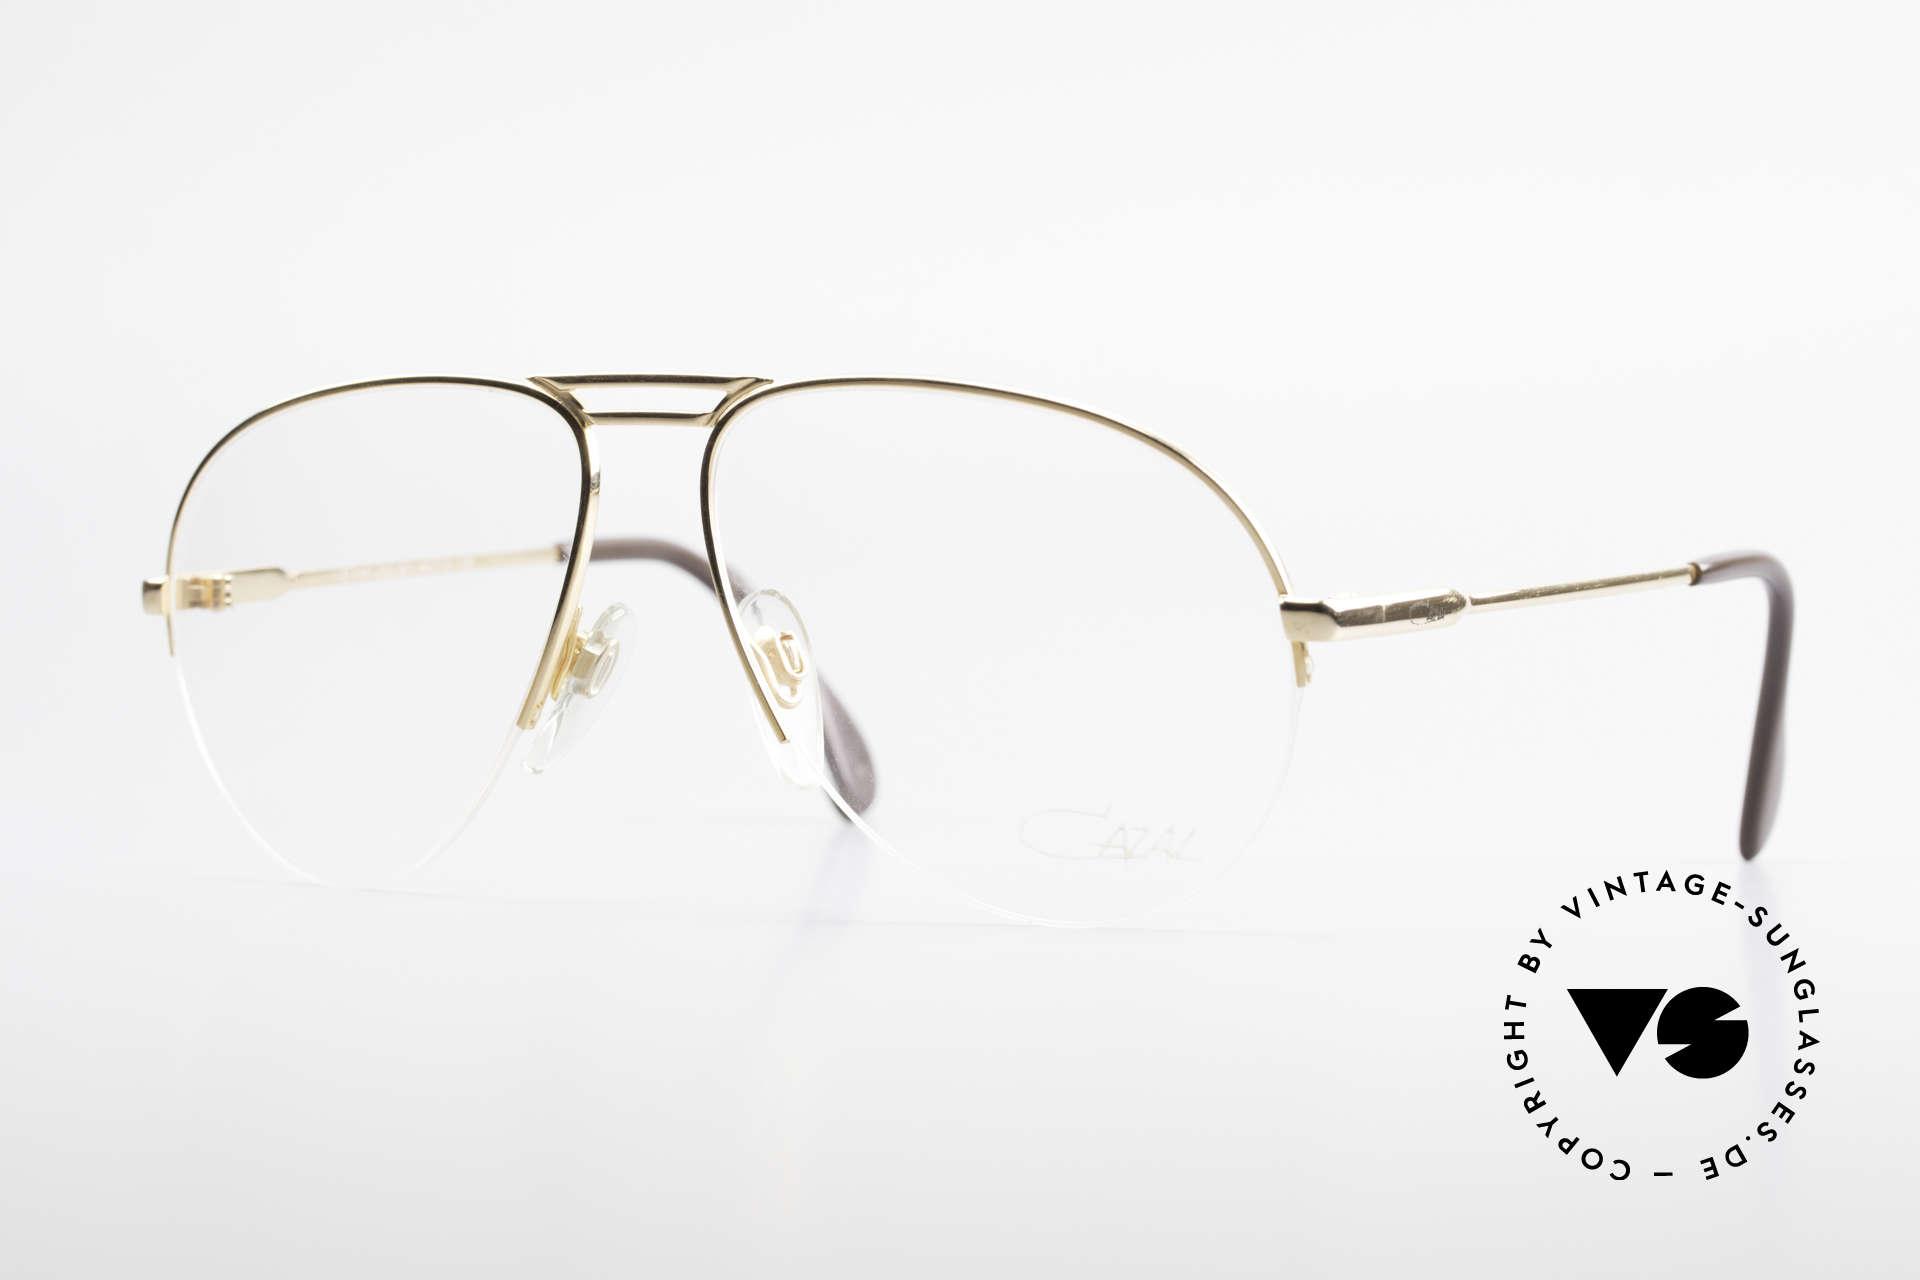 Cazal 726 West Germany Aviator Glasses, legendary 80's Cazal aviator eyeglass-frame, Made for Men